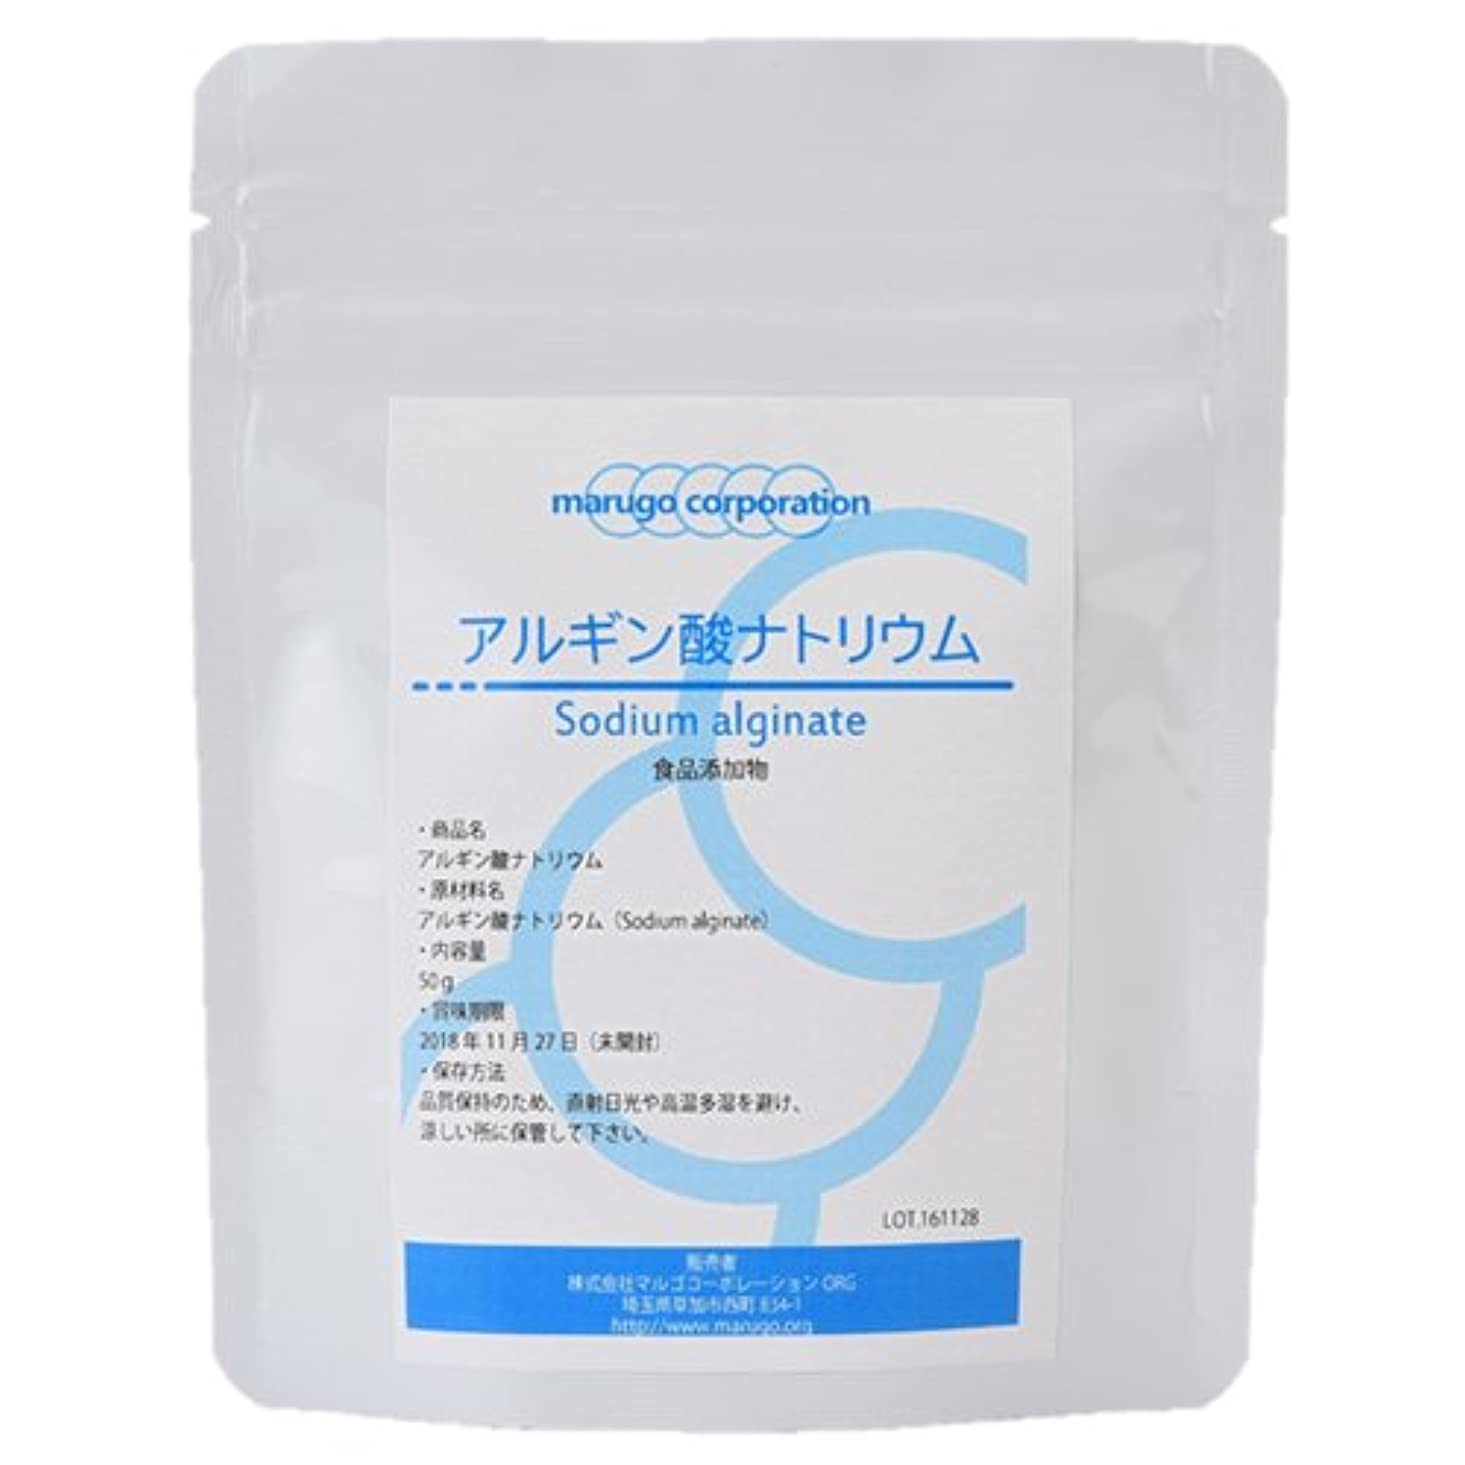 シットコム質素なブラウスmarugo(マルゴ) アルギン酸ナトリウム 50g 人口イクラ ぷるぷる水 食品添加物グレード(食用)